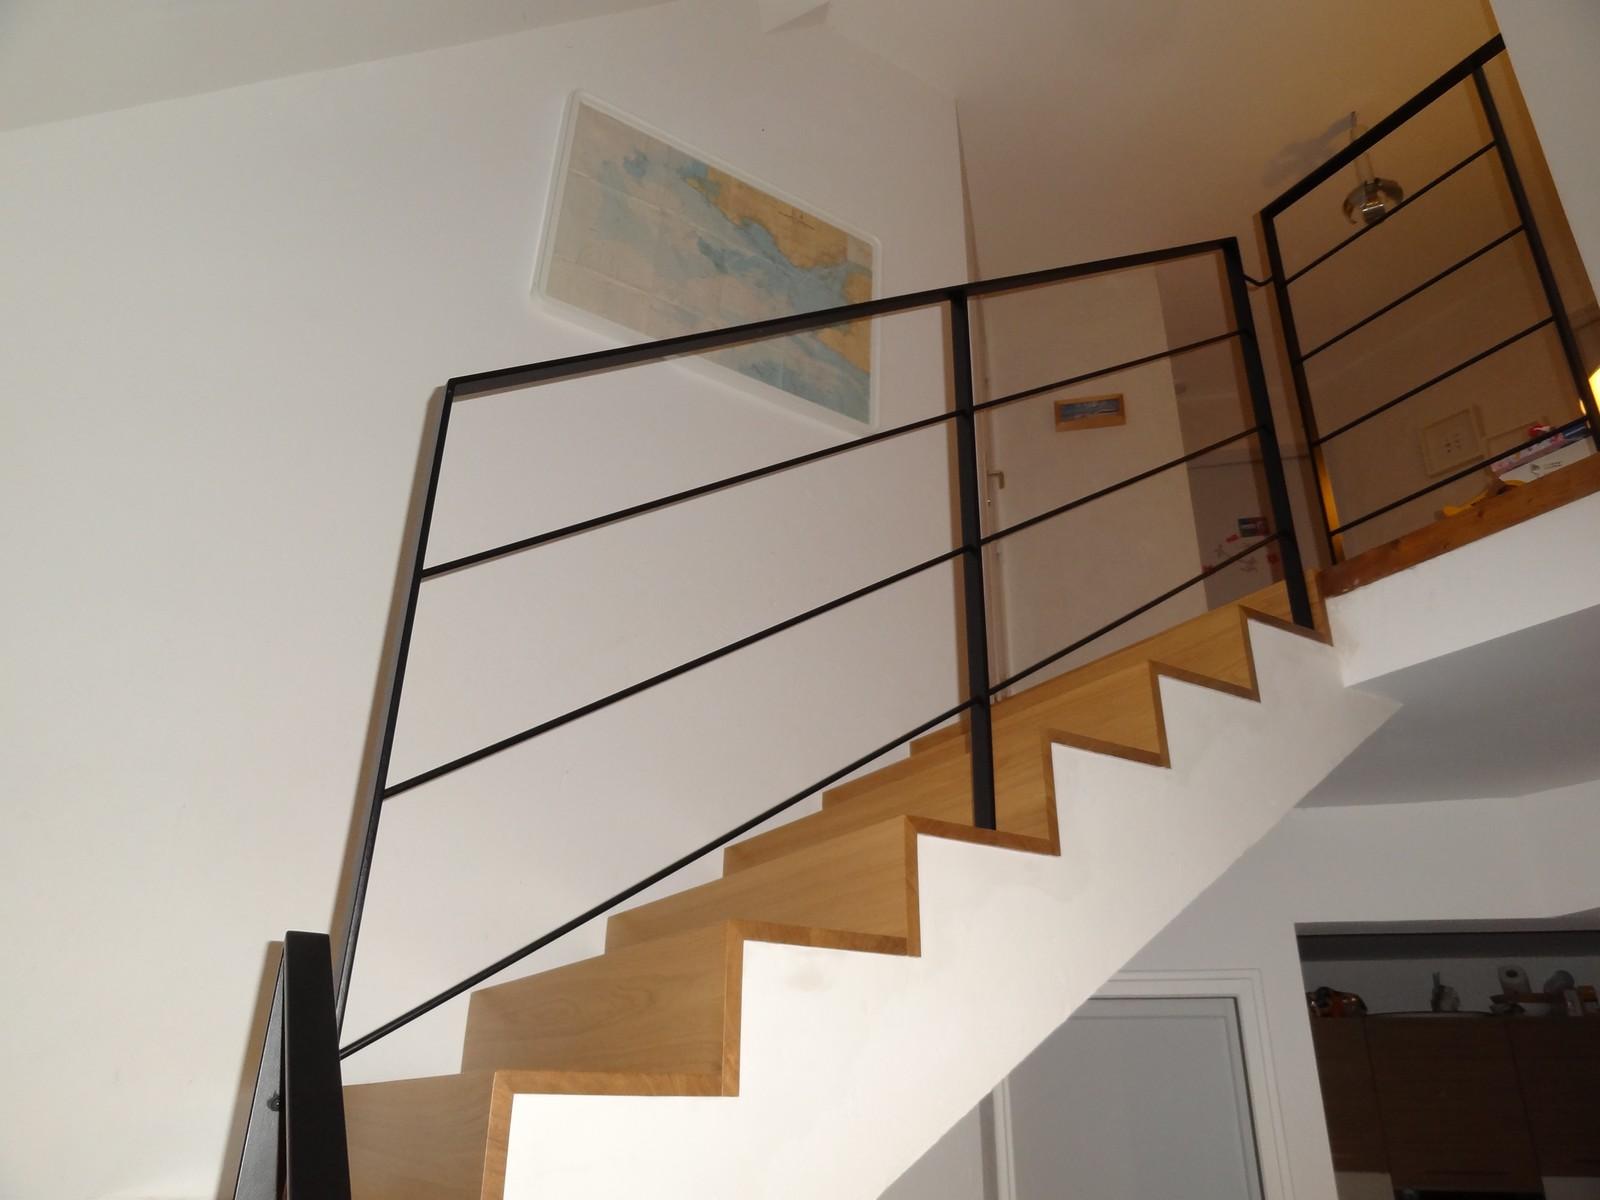 Accueil depuis plus de 40 ans l 39 entreprise glotin est for Fabrication escalier beton interieur